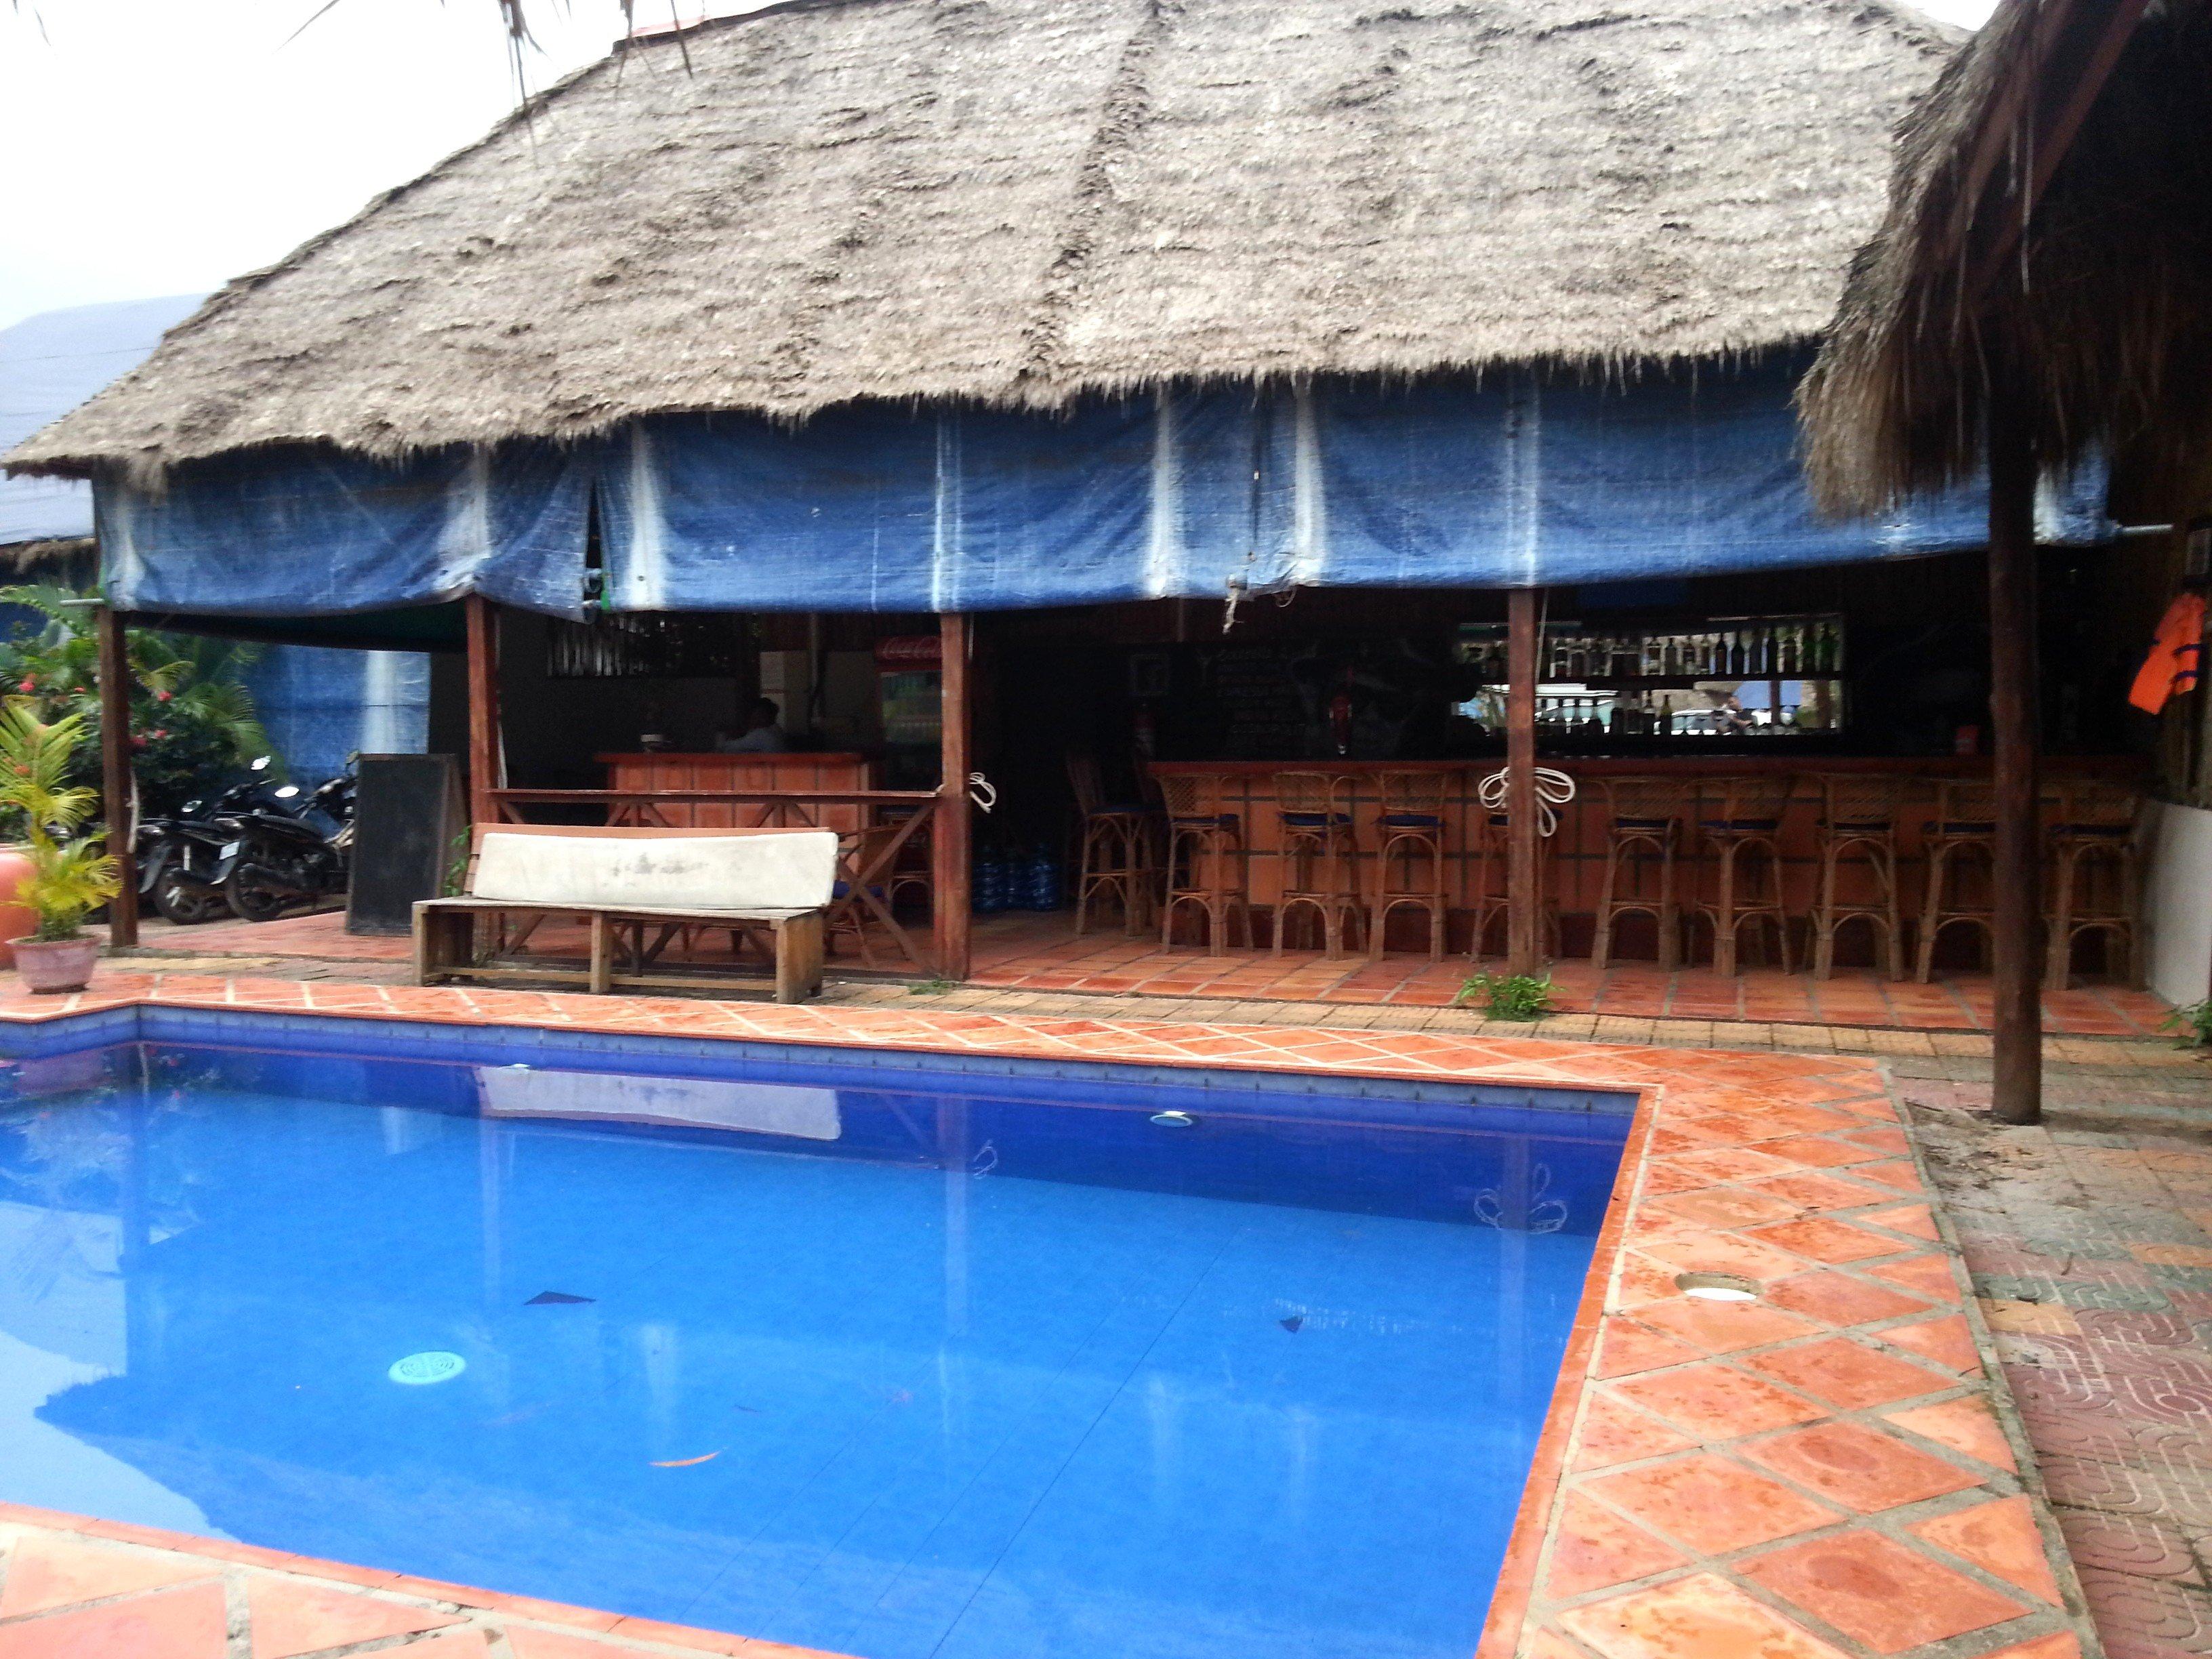 Pool and bar at the Otres Lodge